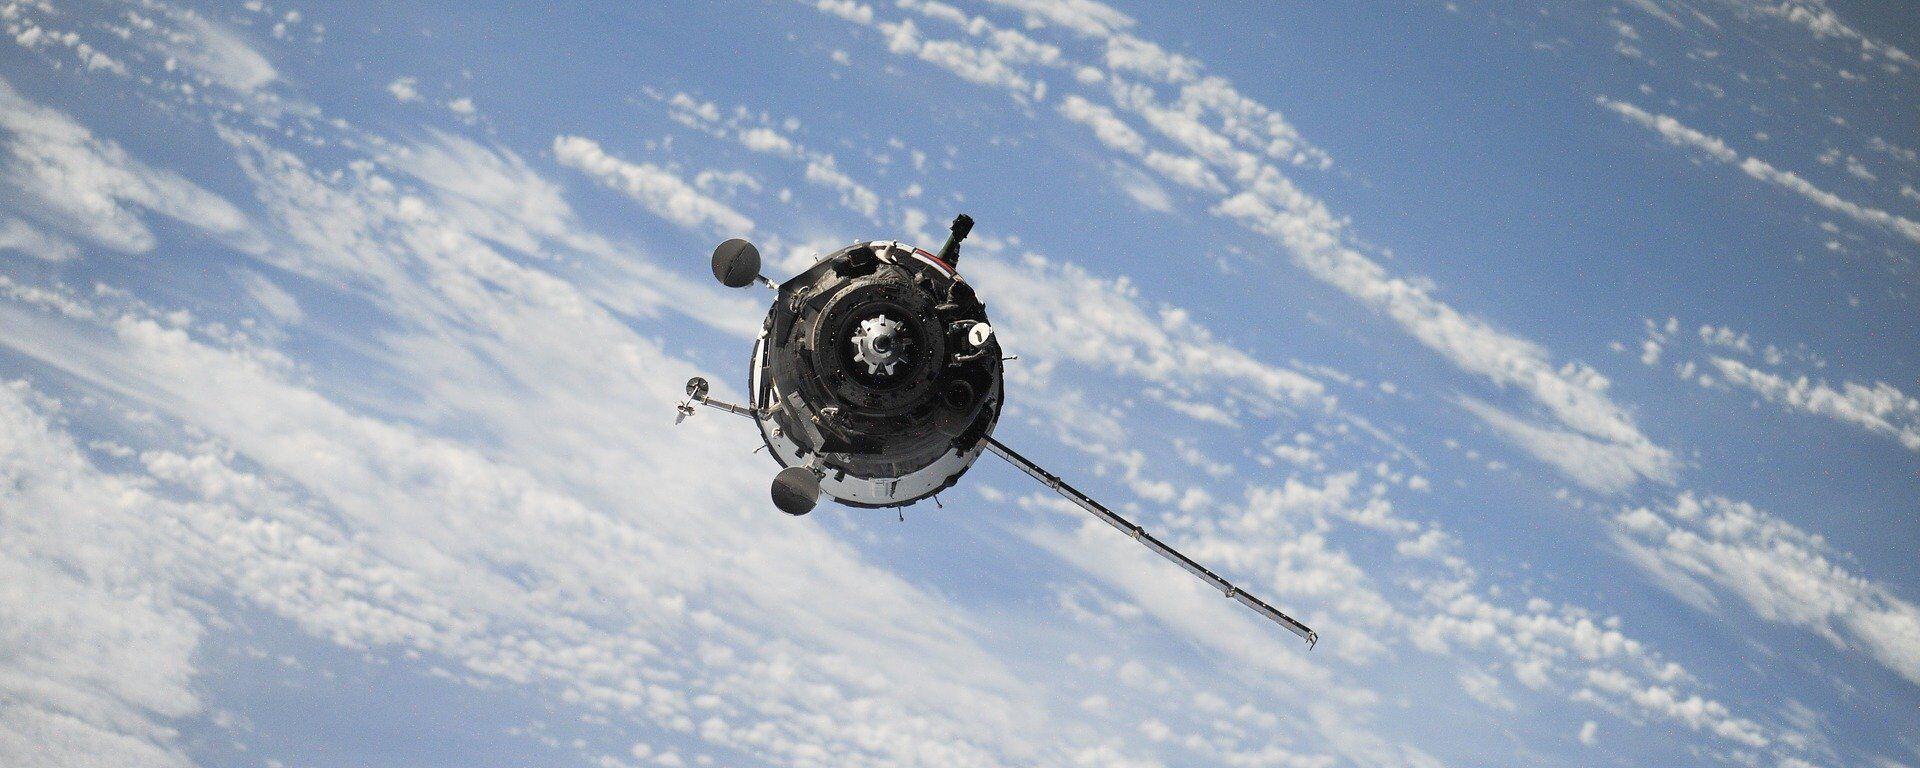 Un satélite (imagen referencial) - Sputnik Mundo, 1920, 05.04.2021